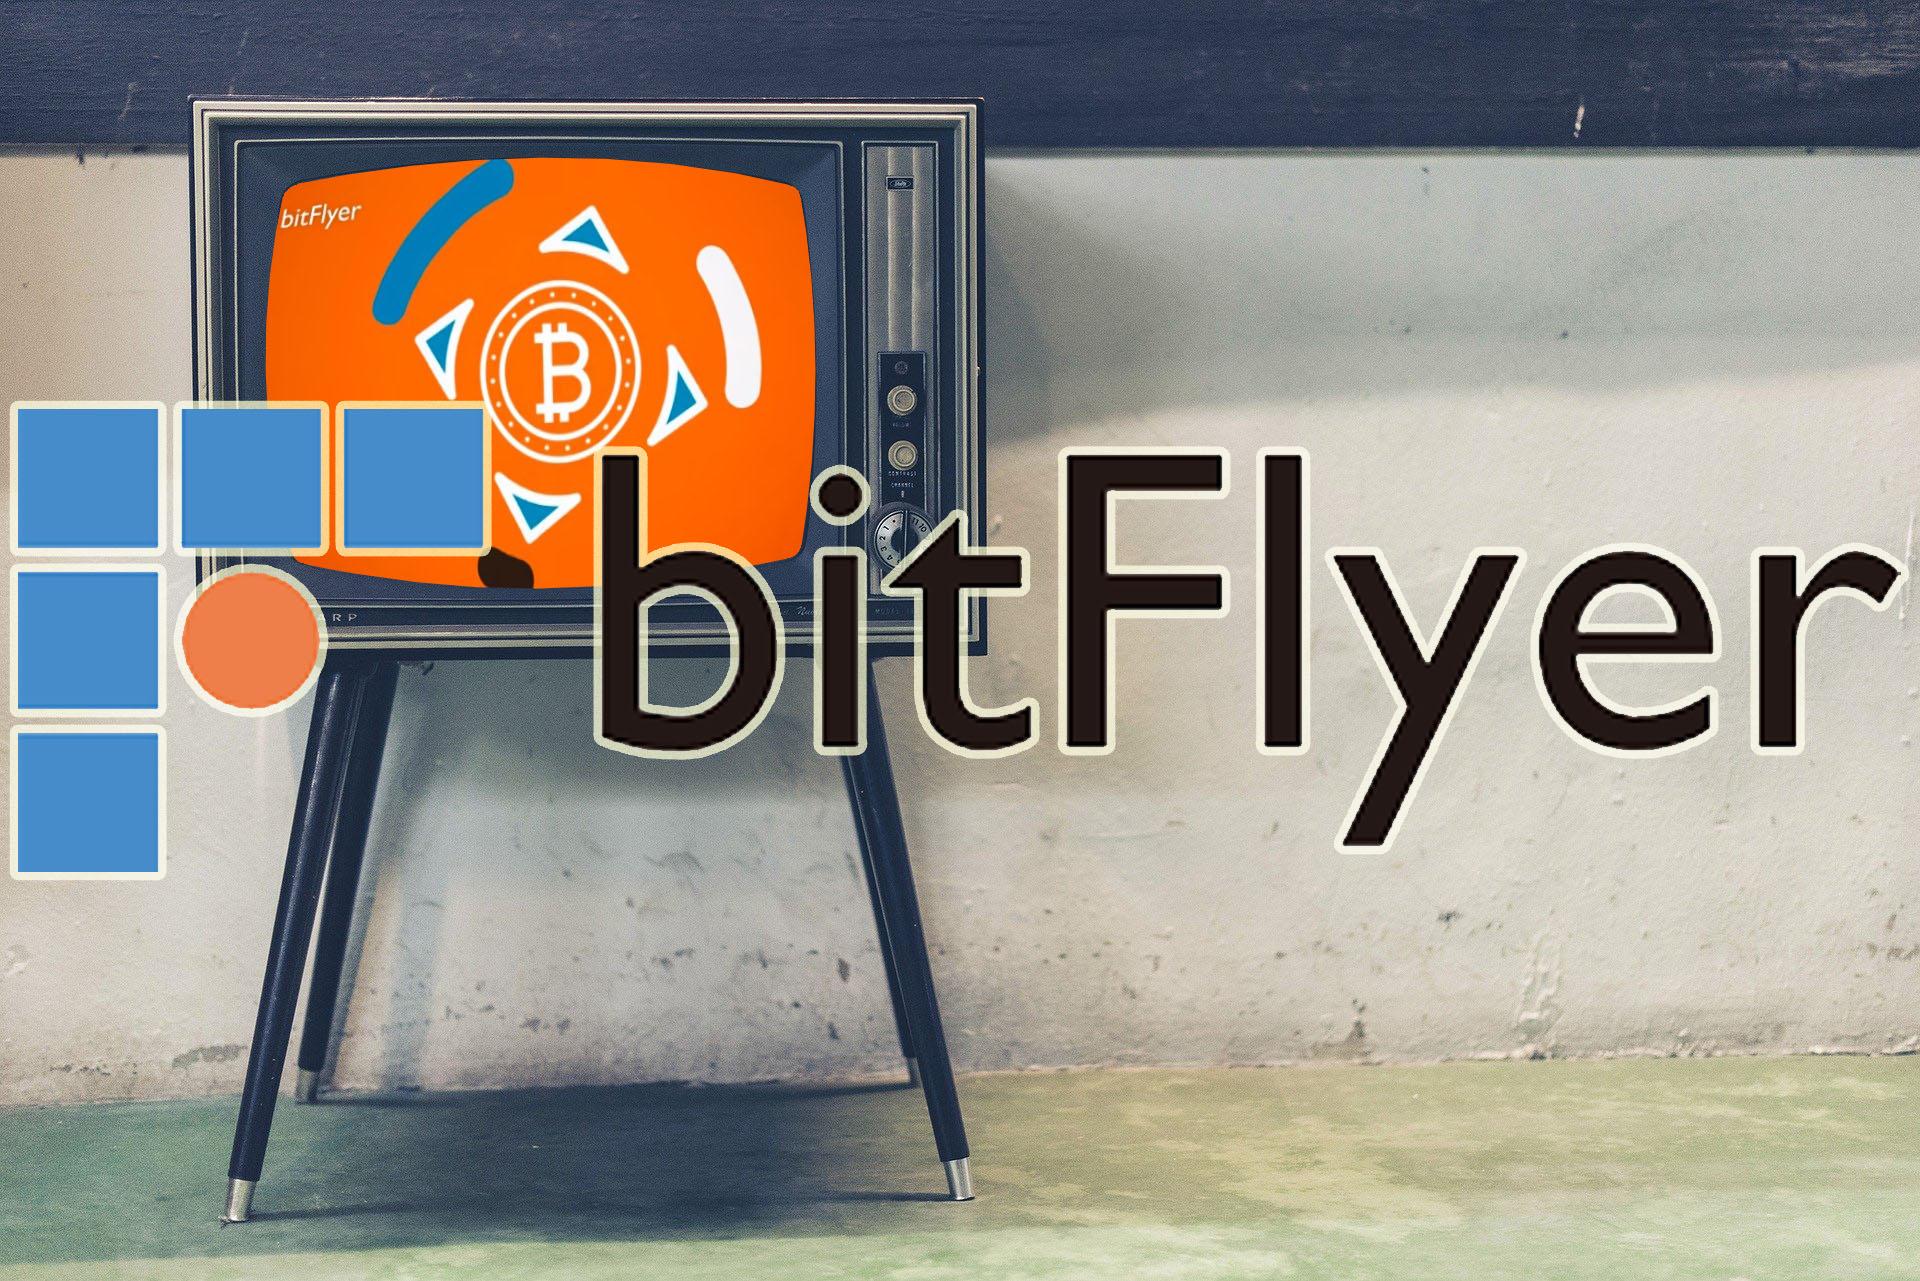 取引量国内 No.1のbitFlyerがテレビCM放映開始!